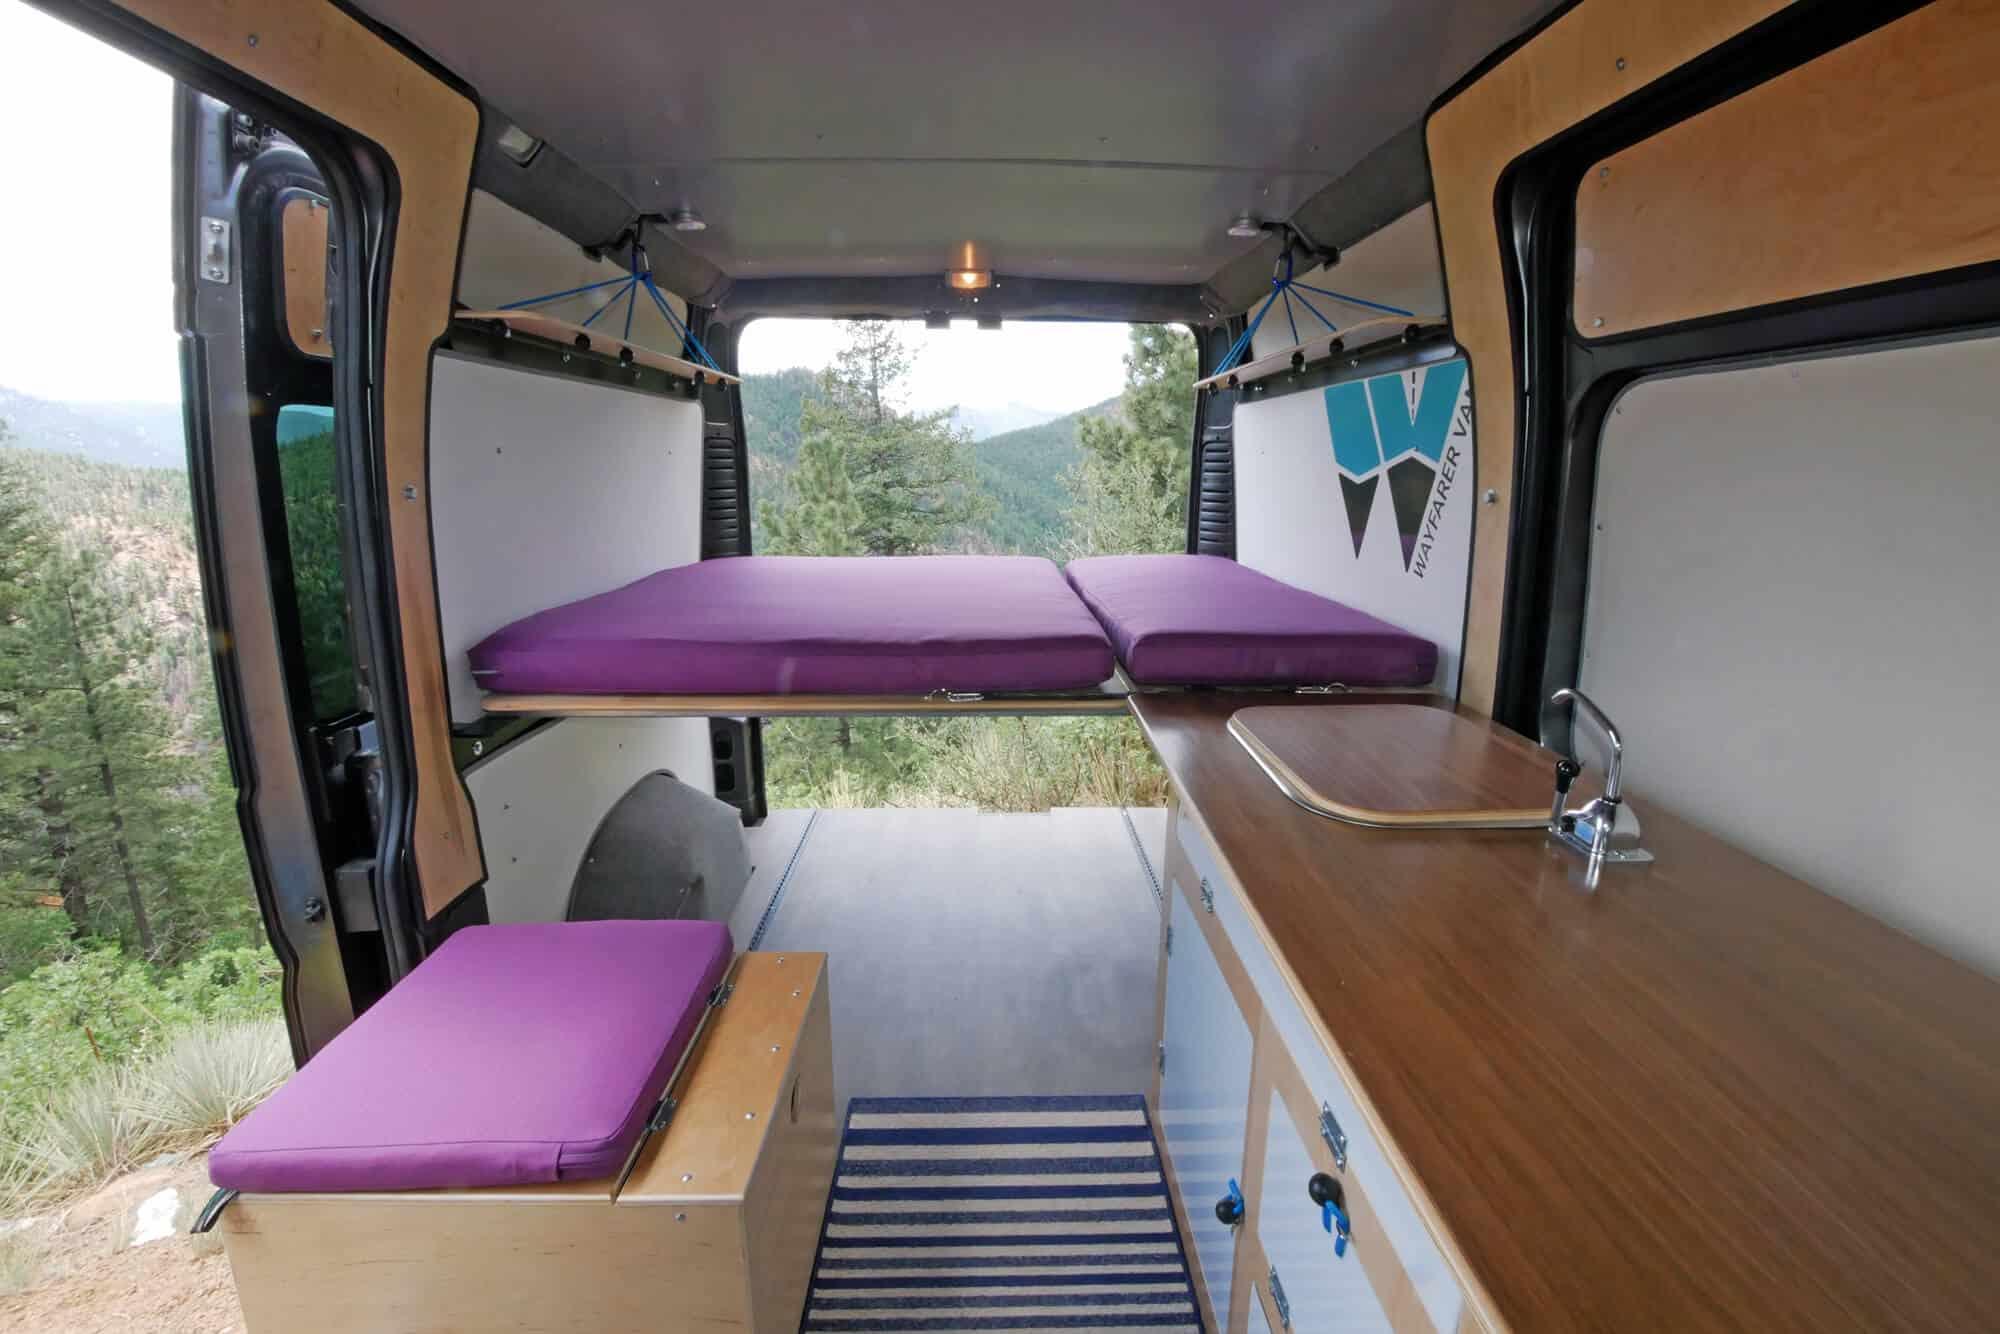 RAM Promaster Camper Van Conversion Kit Bed Day Lounger Garage